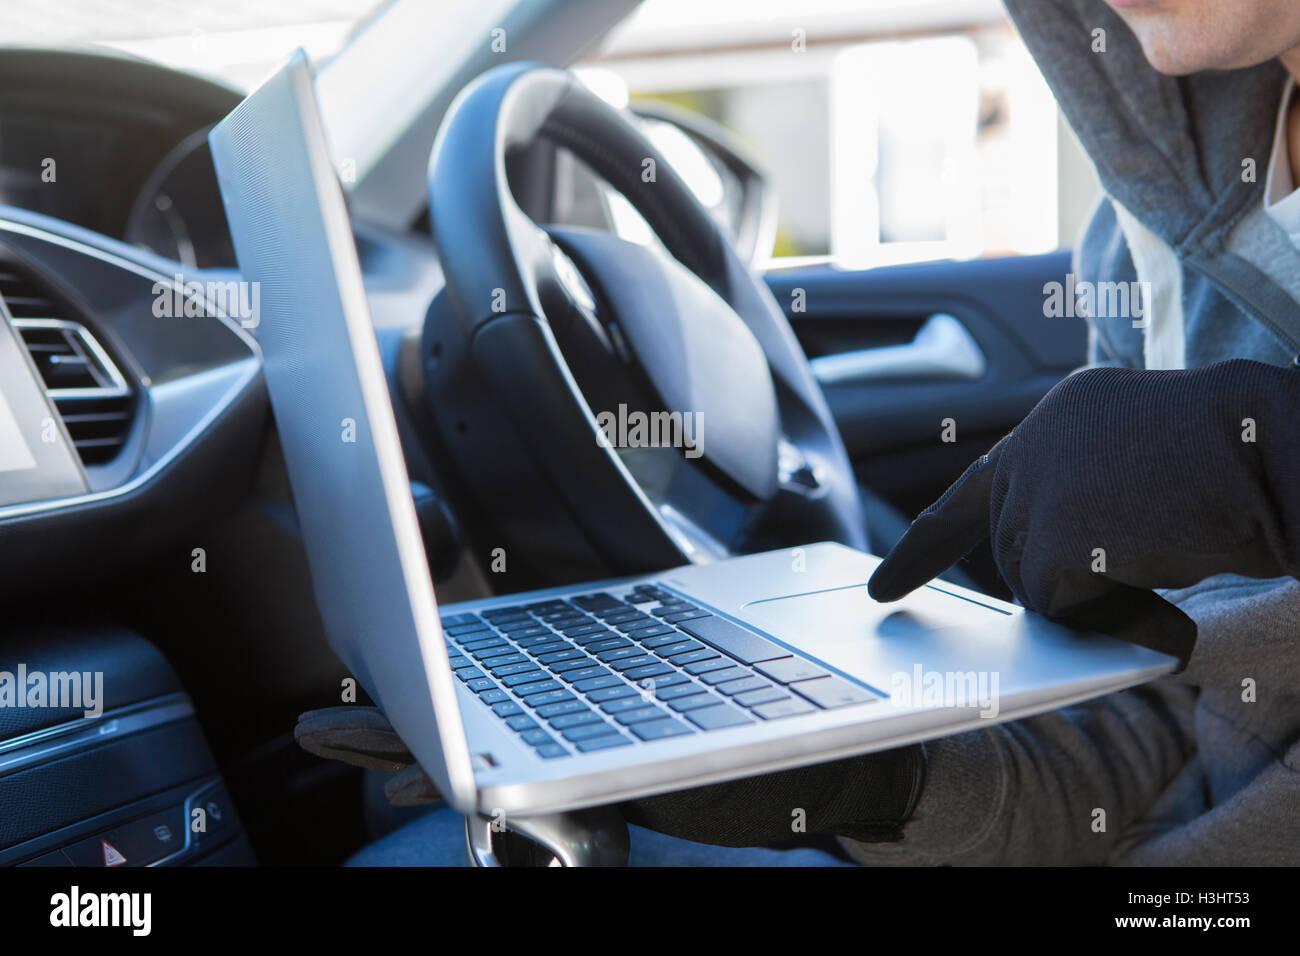 Utilización Portátil ladrón de piratear el software de seguridad de Coches Imagen De Stock